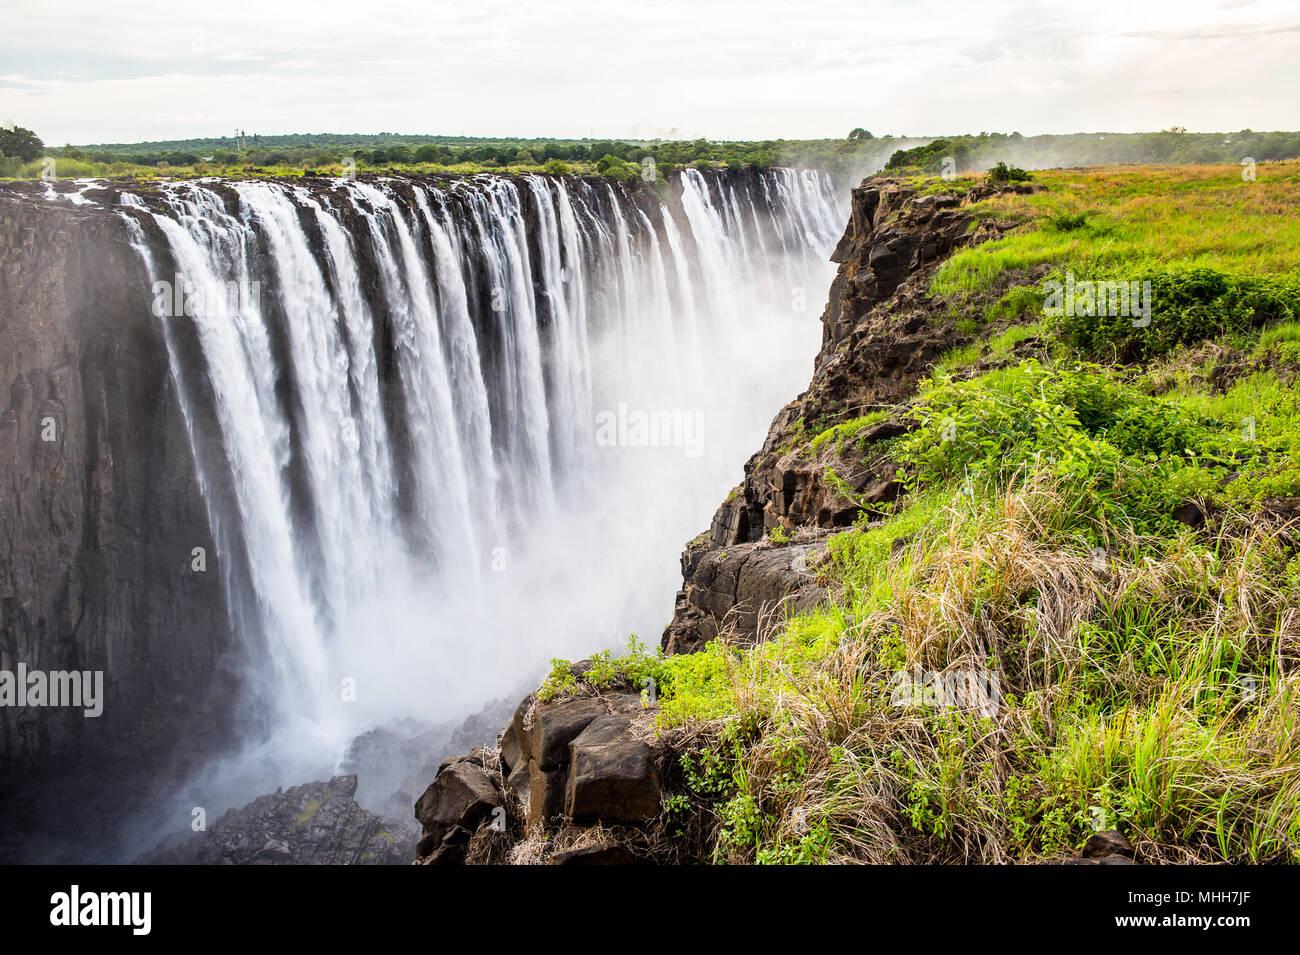 Increíble Victoria Falls, el río Zambezi, Zimbabwe y Zambia Imagen De Stock